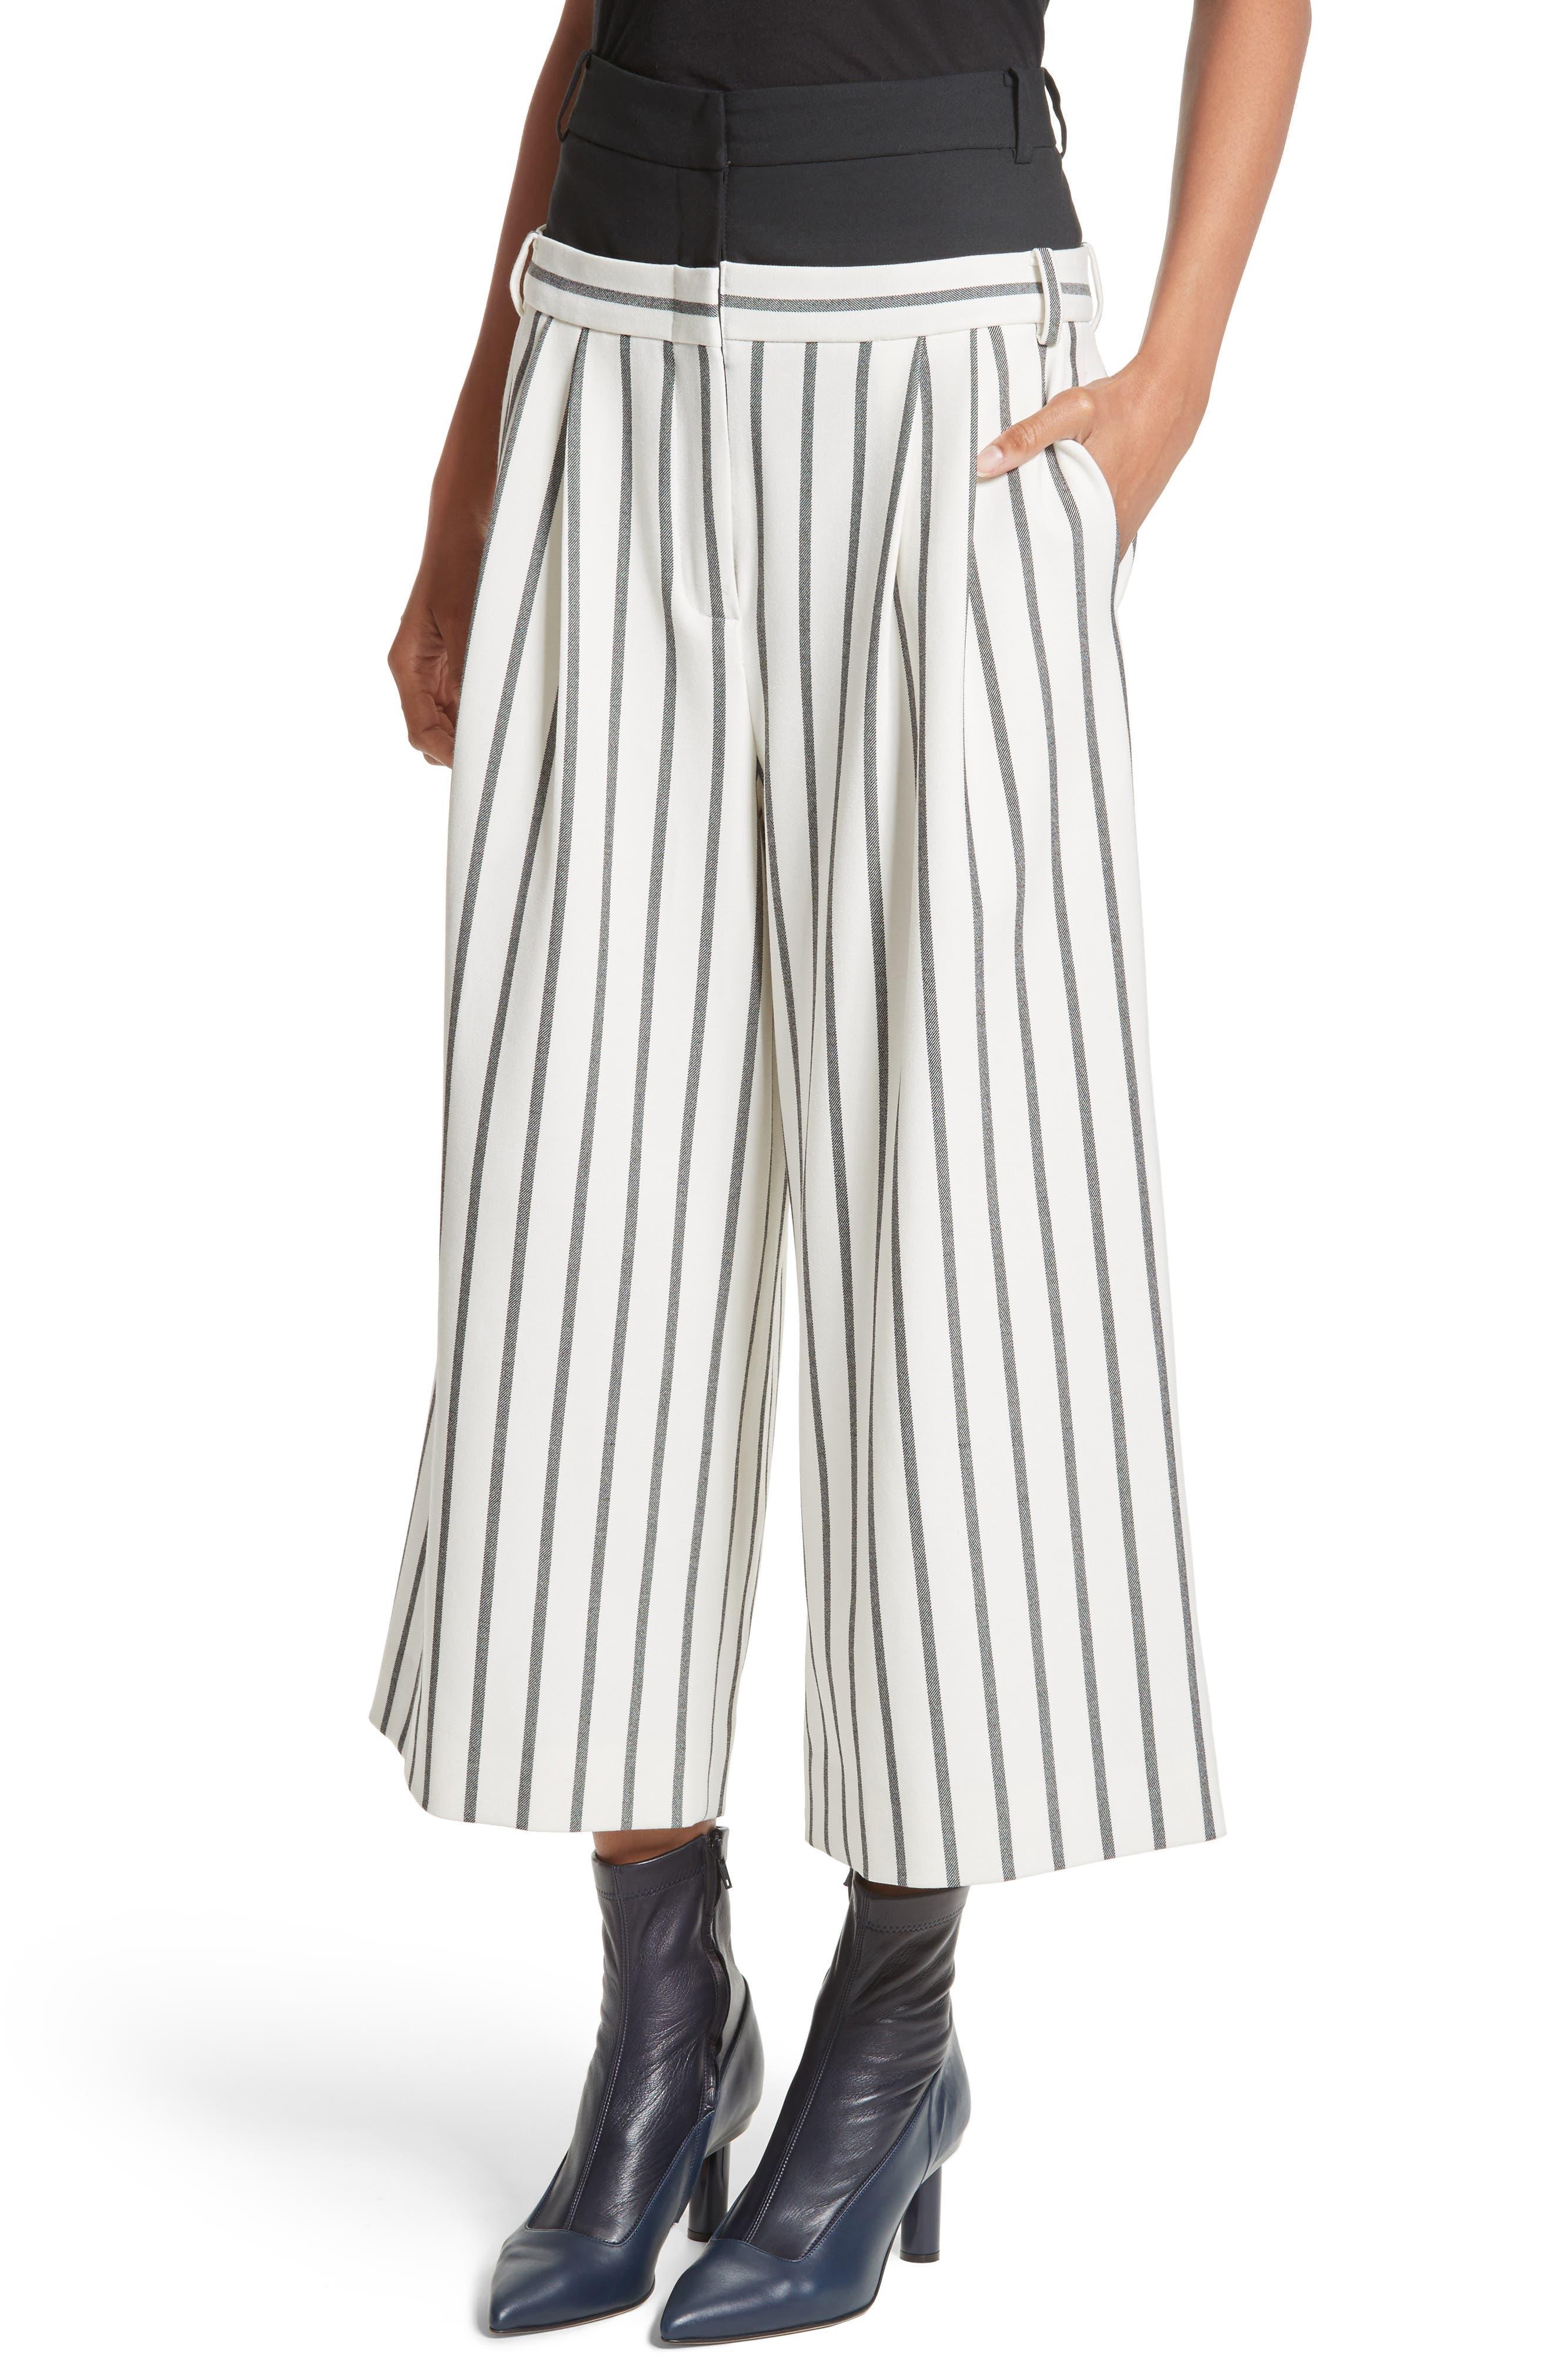 Lucci Stripe Crop Wide Leg Pants,                             Alternate thumbnail 4, color,                             907